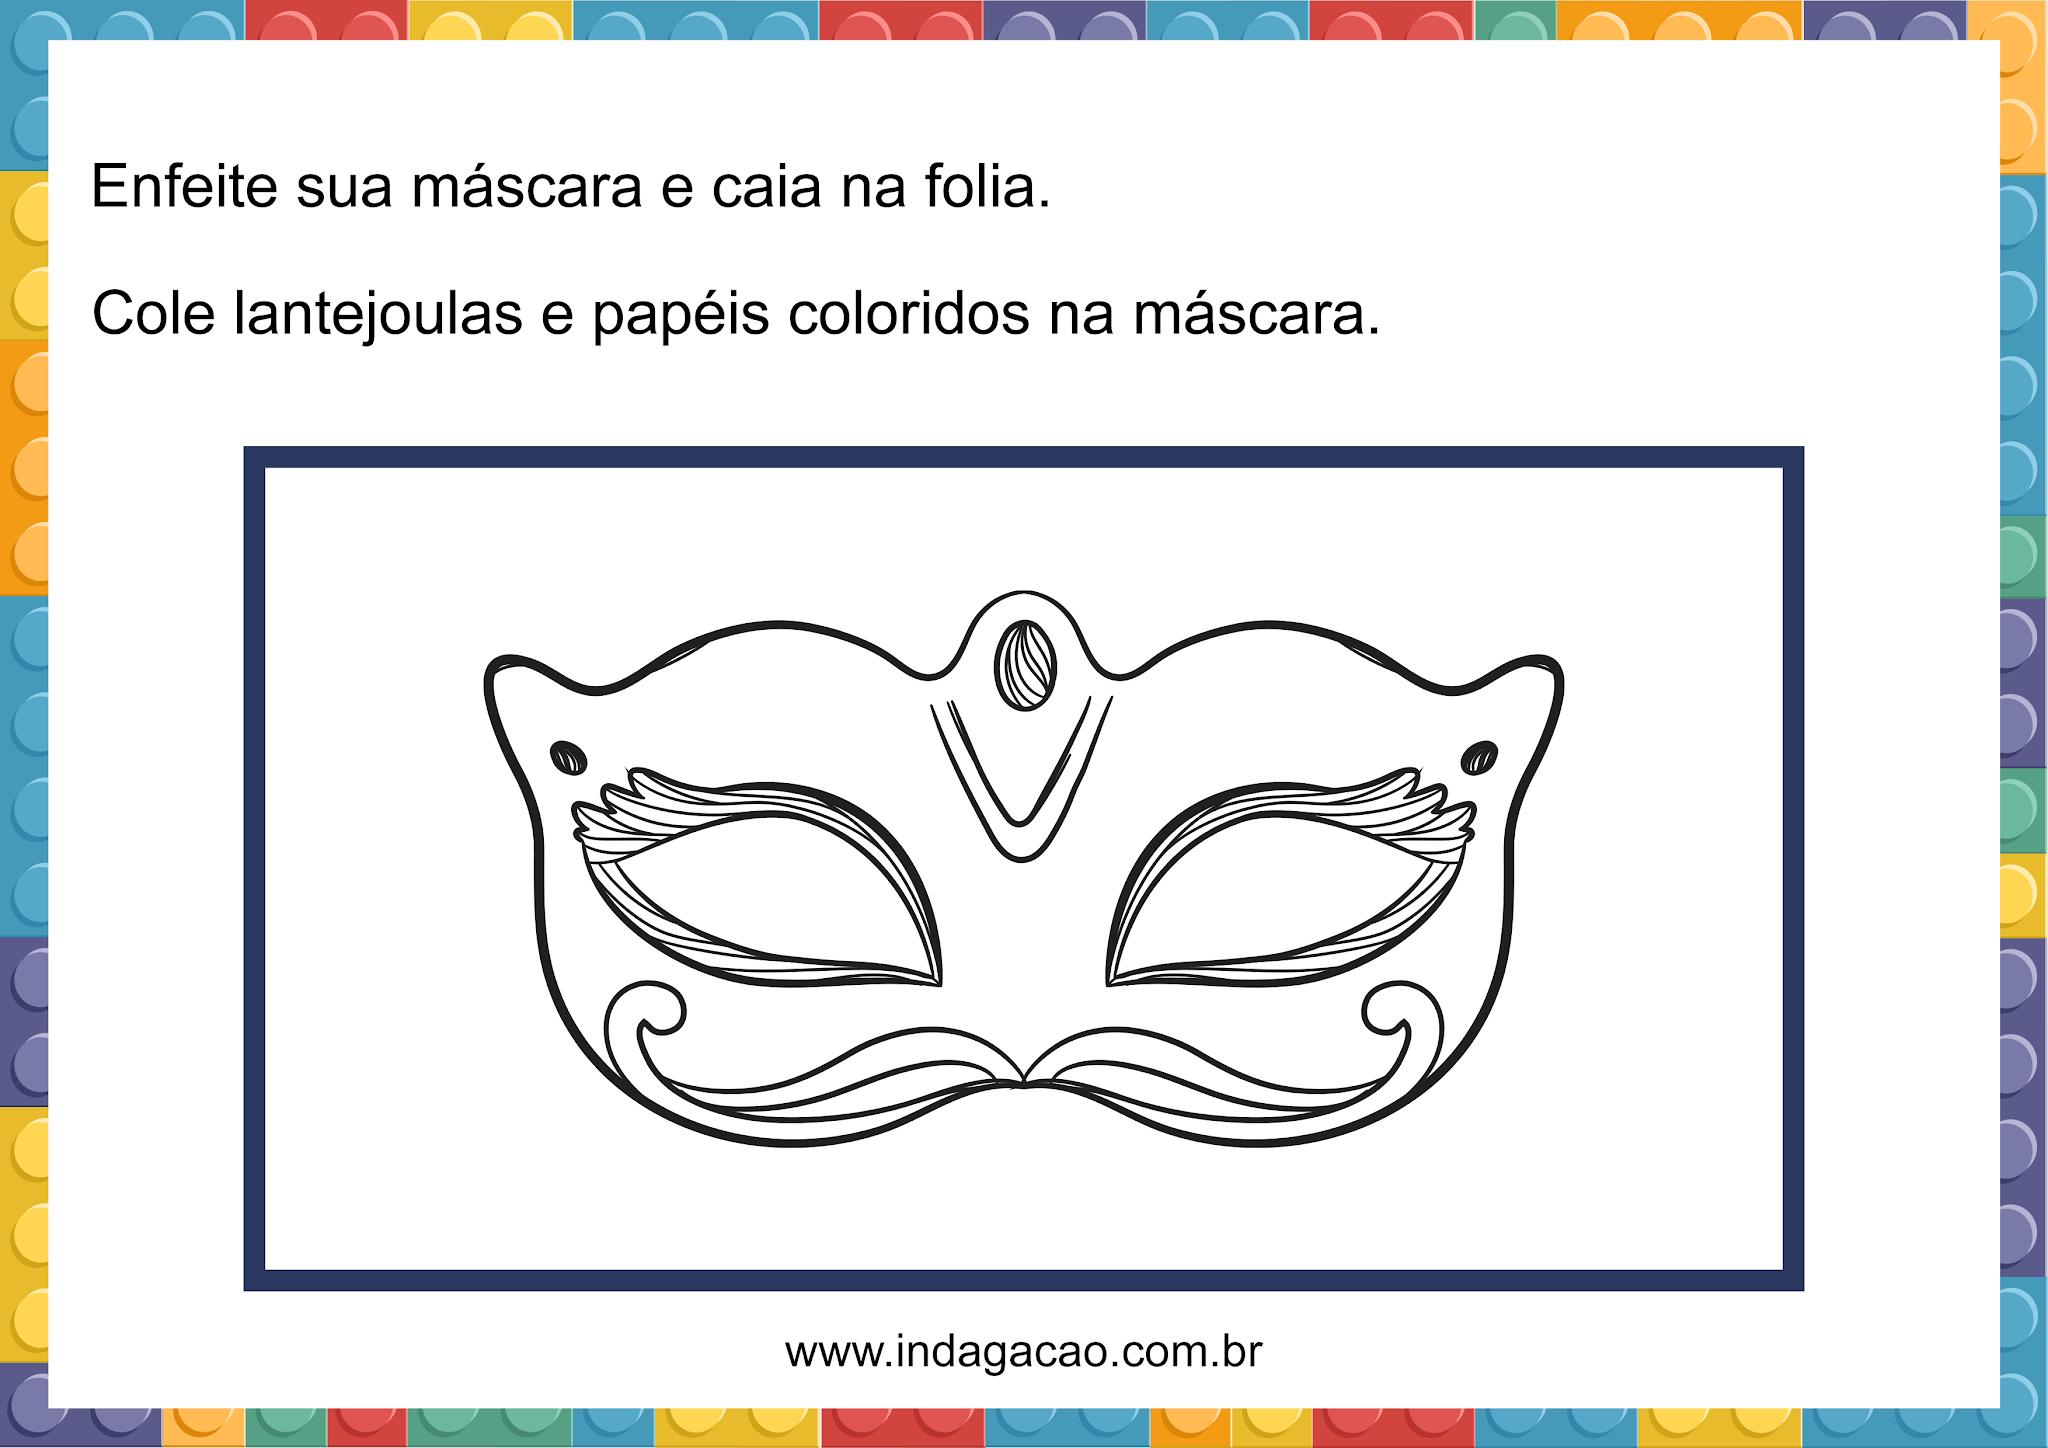 atividade com mascara de carnaval